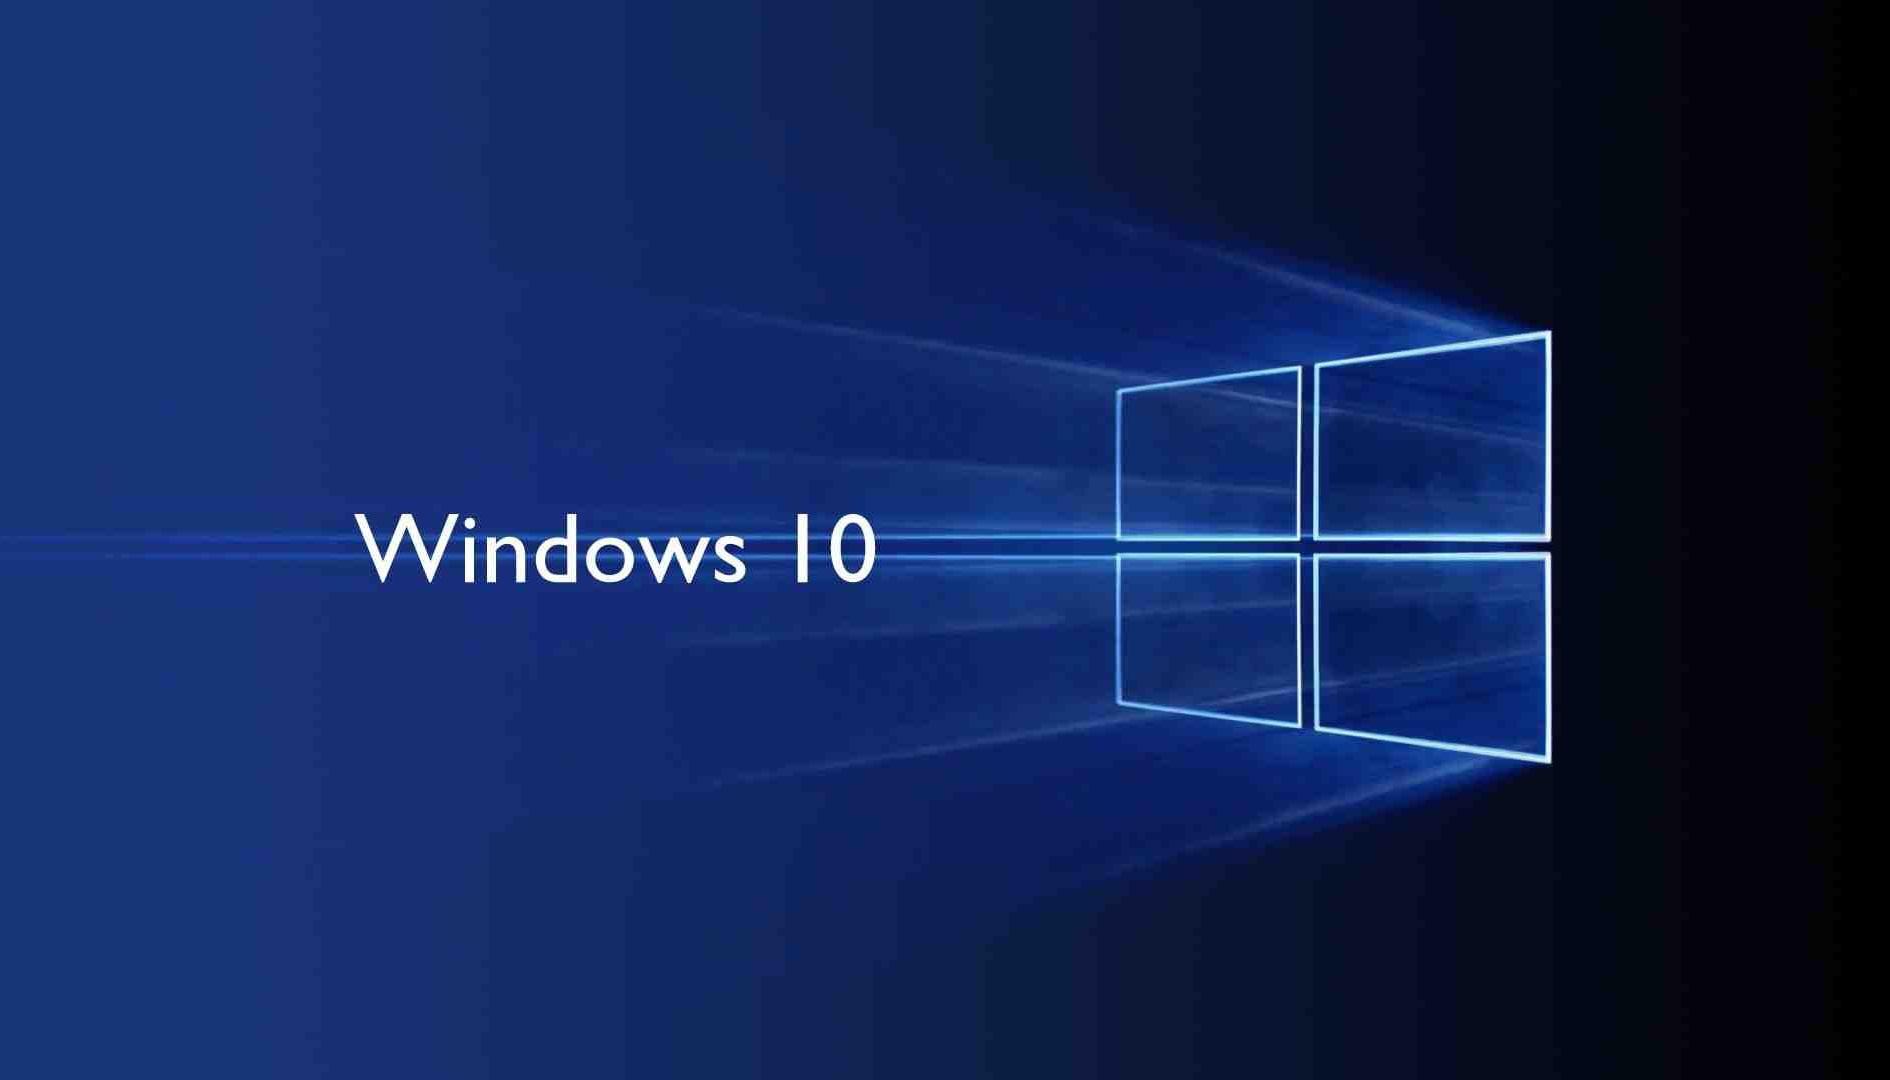 Windows 10 ora supporta applicazioni Android in più finestre